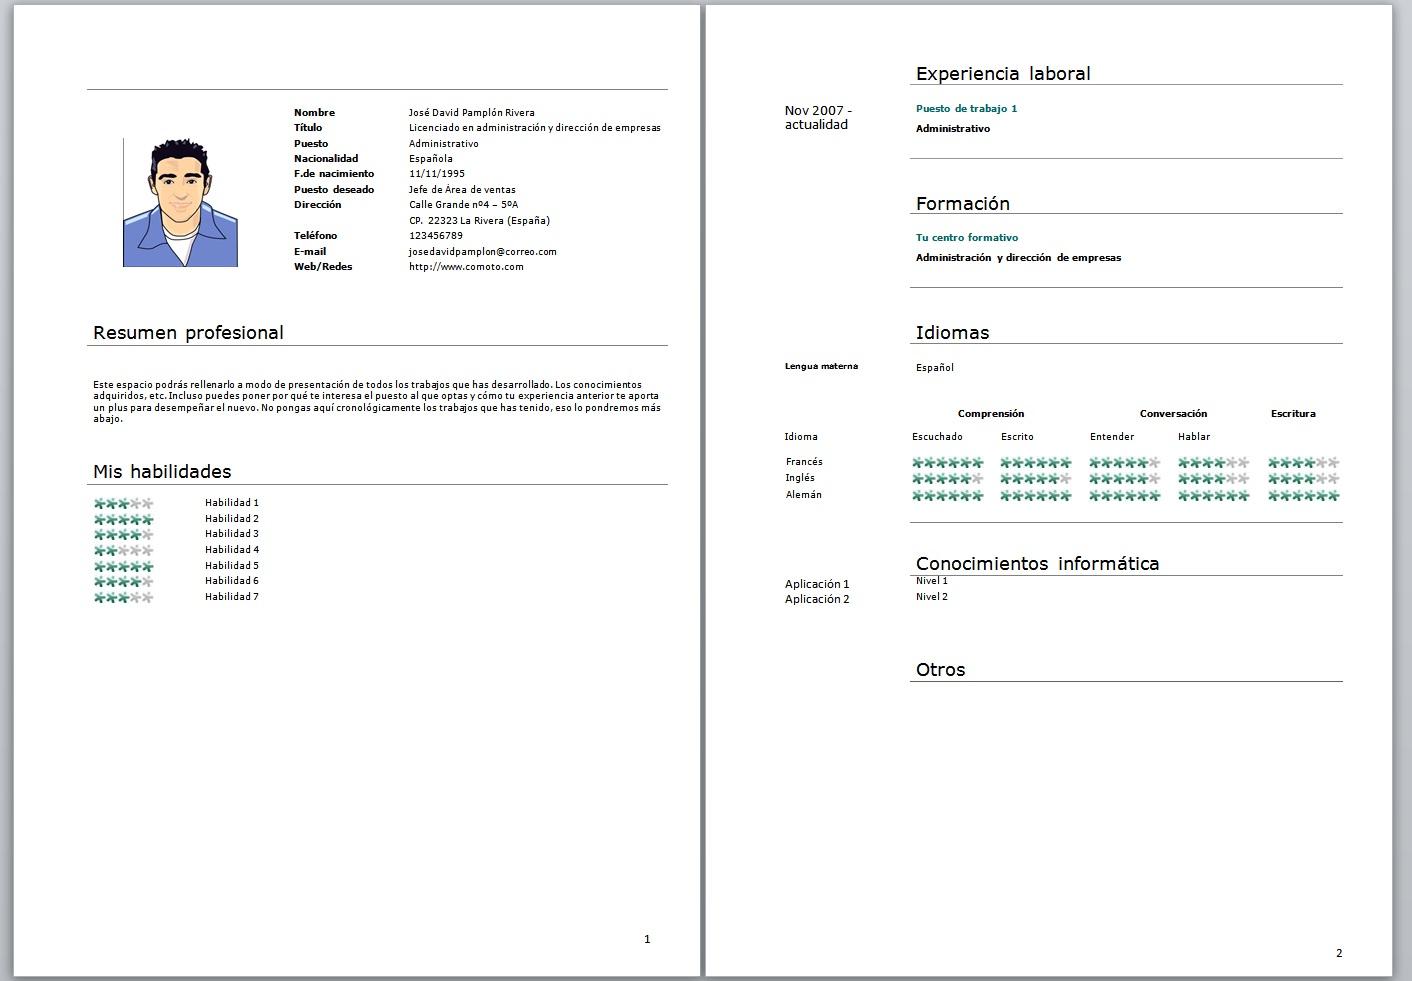 curriculum vitae formato para llenar pdf